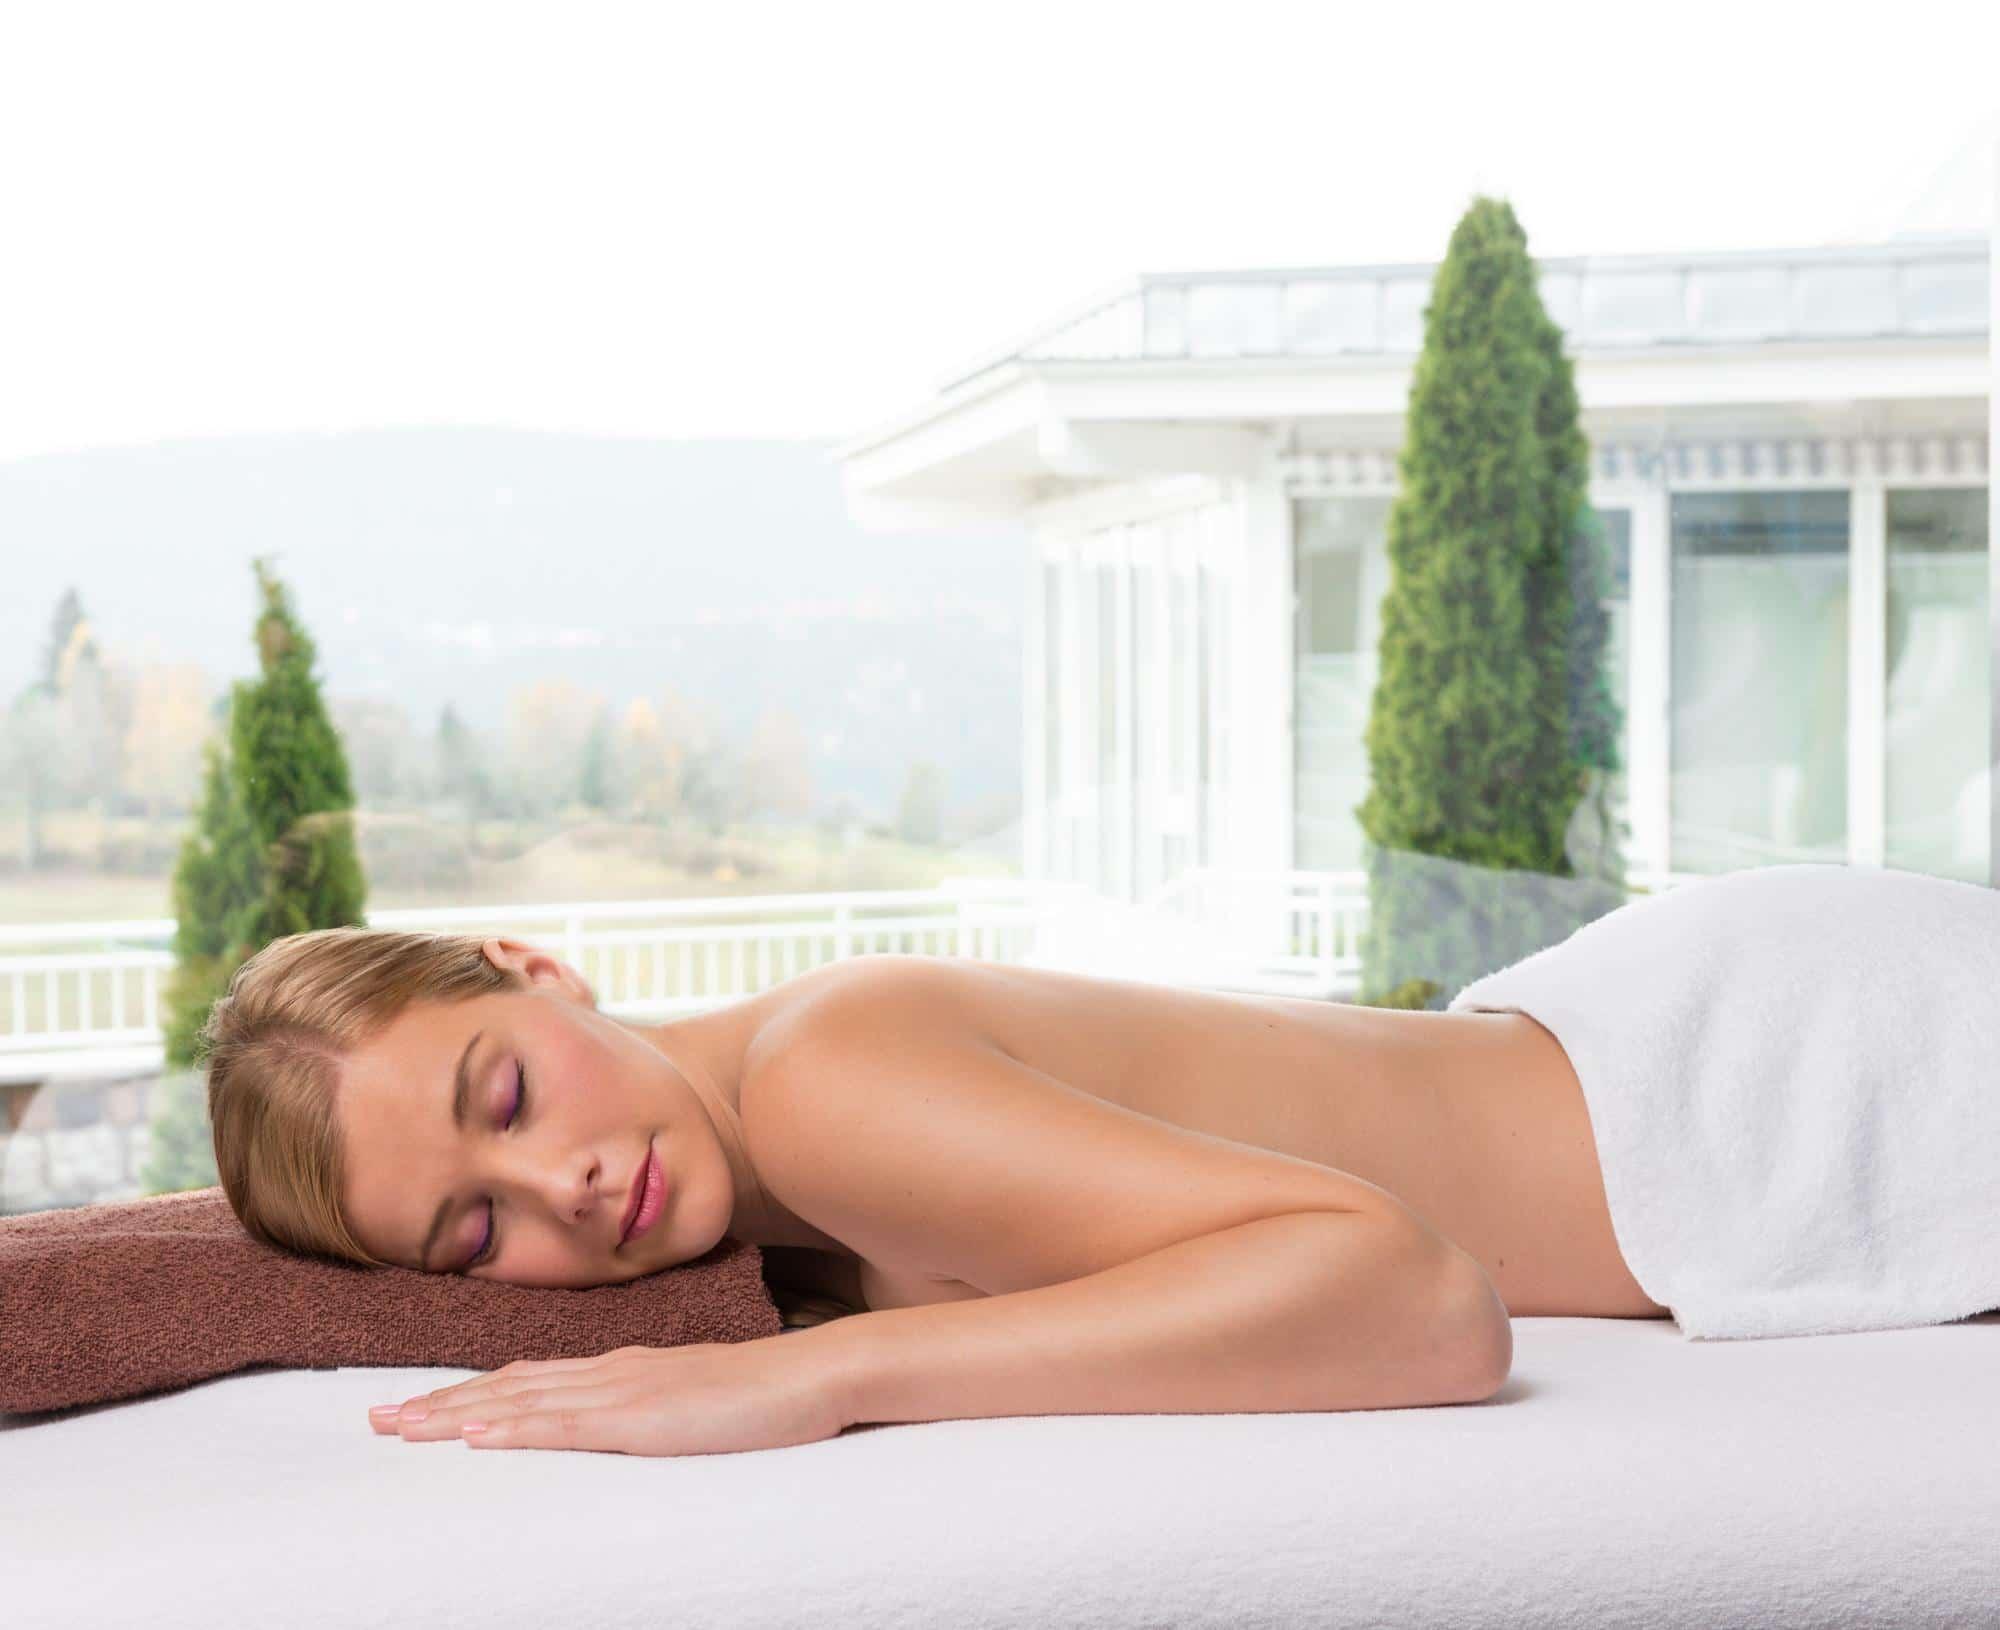 Junge Frau auf Massageliege im Vier Jahreszeiten am Schluchsee